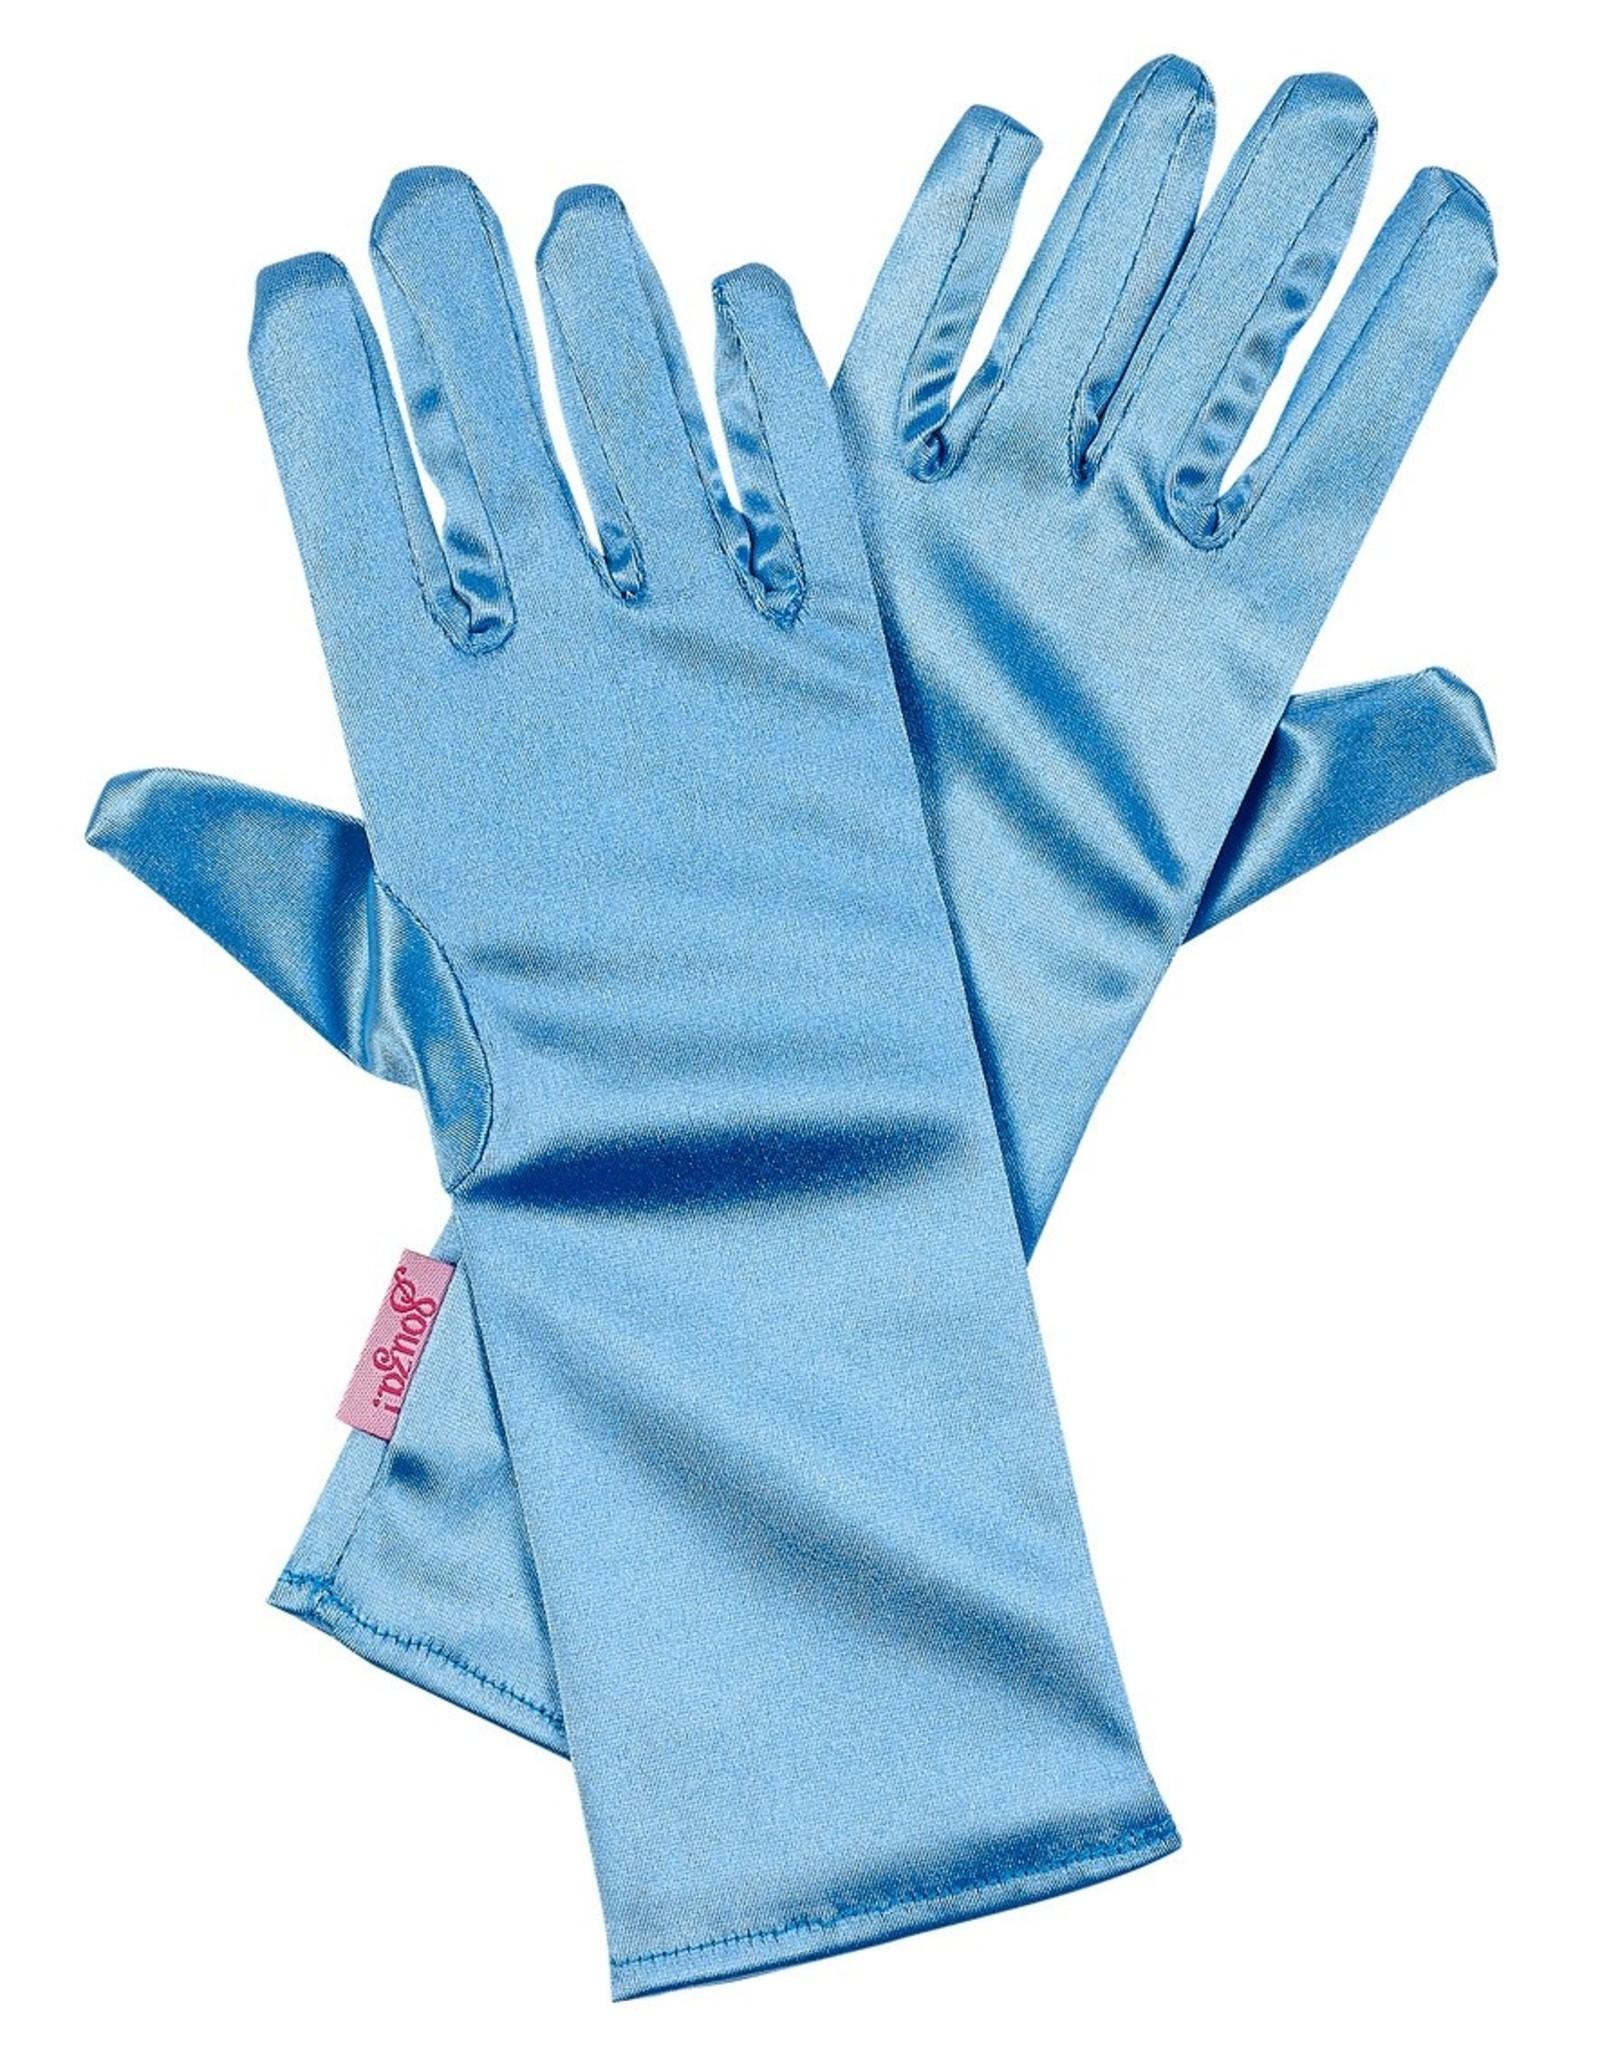 Souza Handschoen Blauw